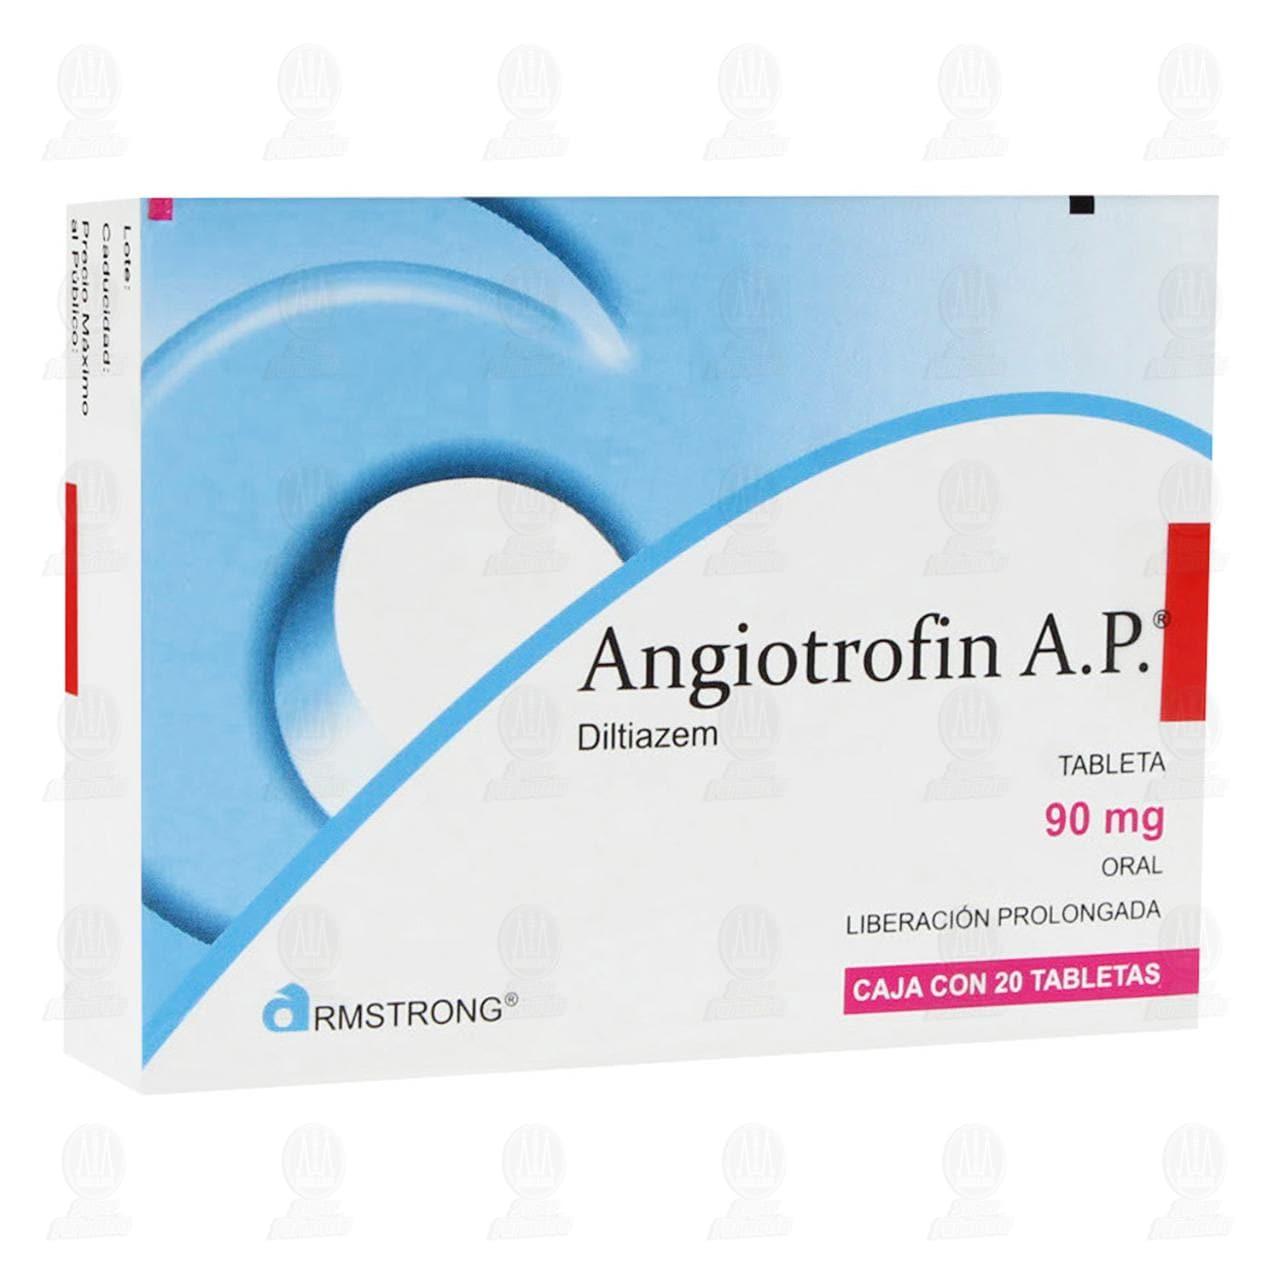 comprar https://www.movil.farmaciasguadalajara.com/wcsstore/FGCAS/wcs/products/133019_A_1280_AL.jpg en farmacias guadalajara